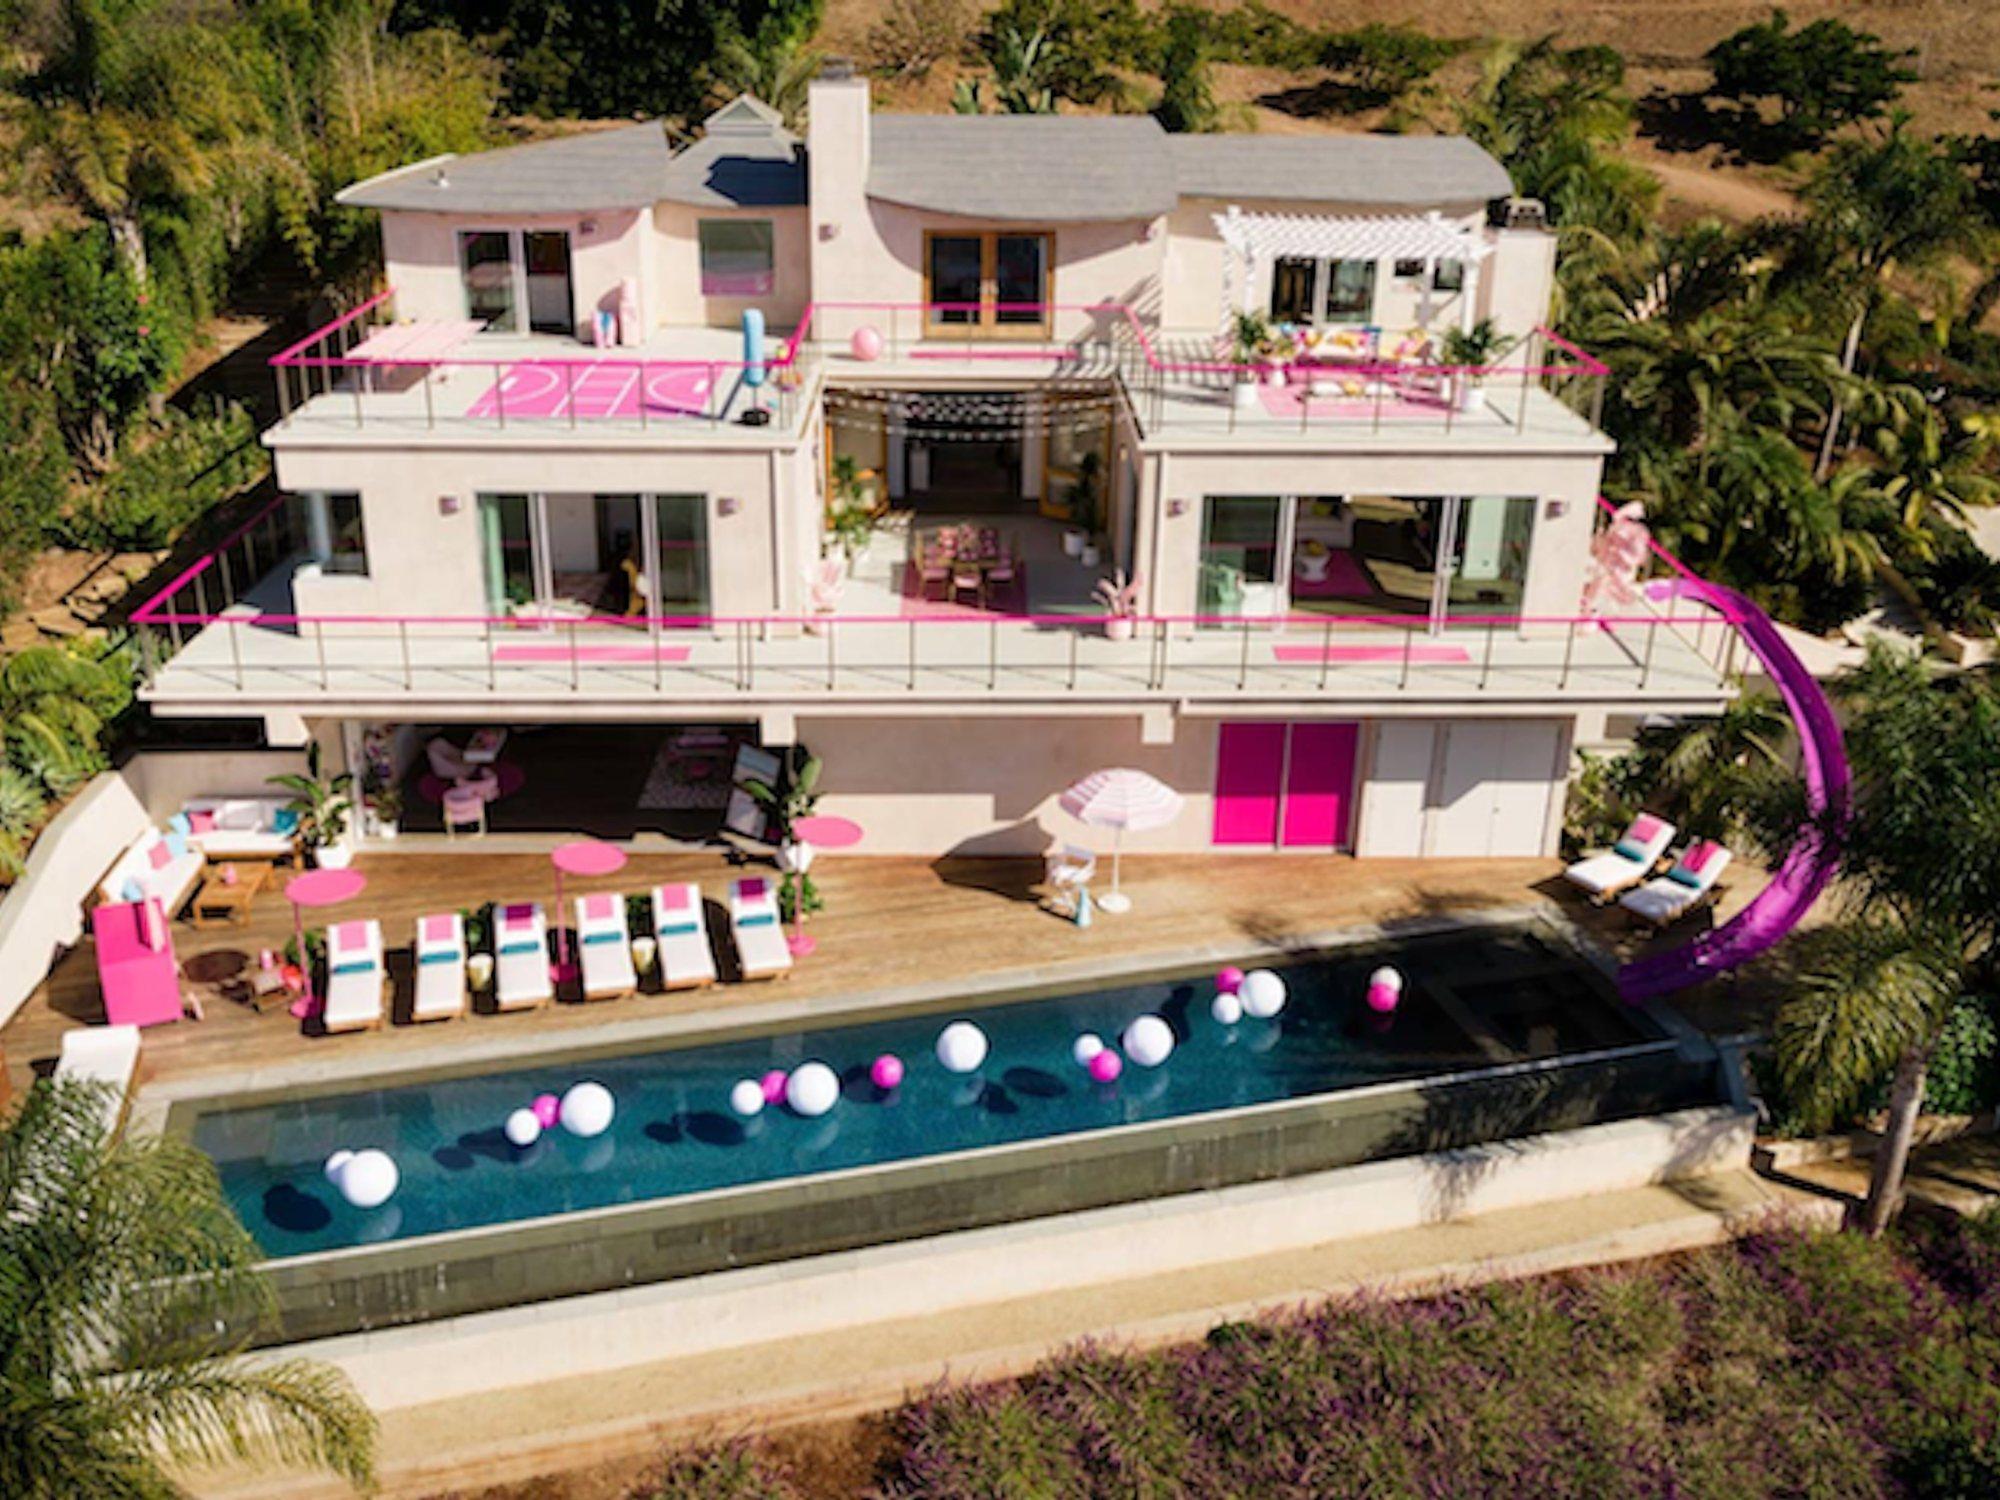 La casa de Barbie existe y ahora puedes alquilarla